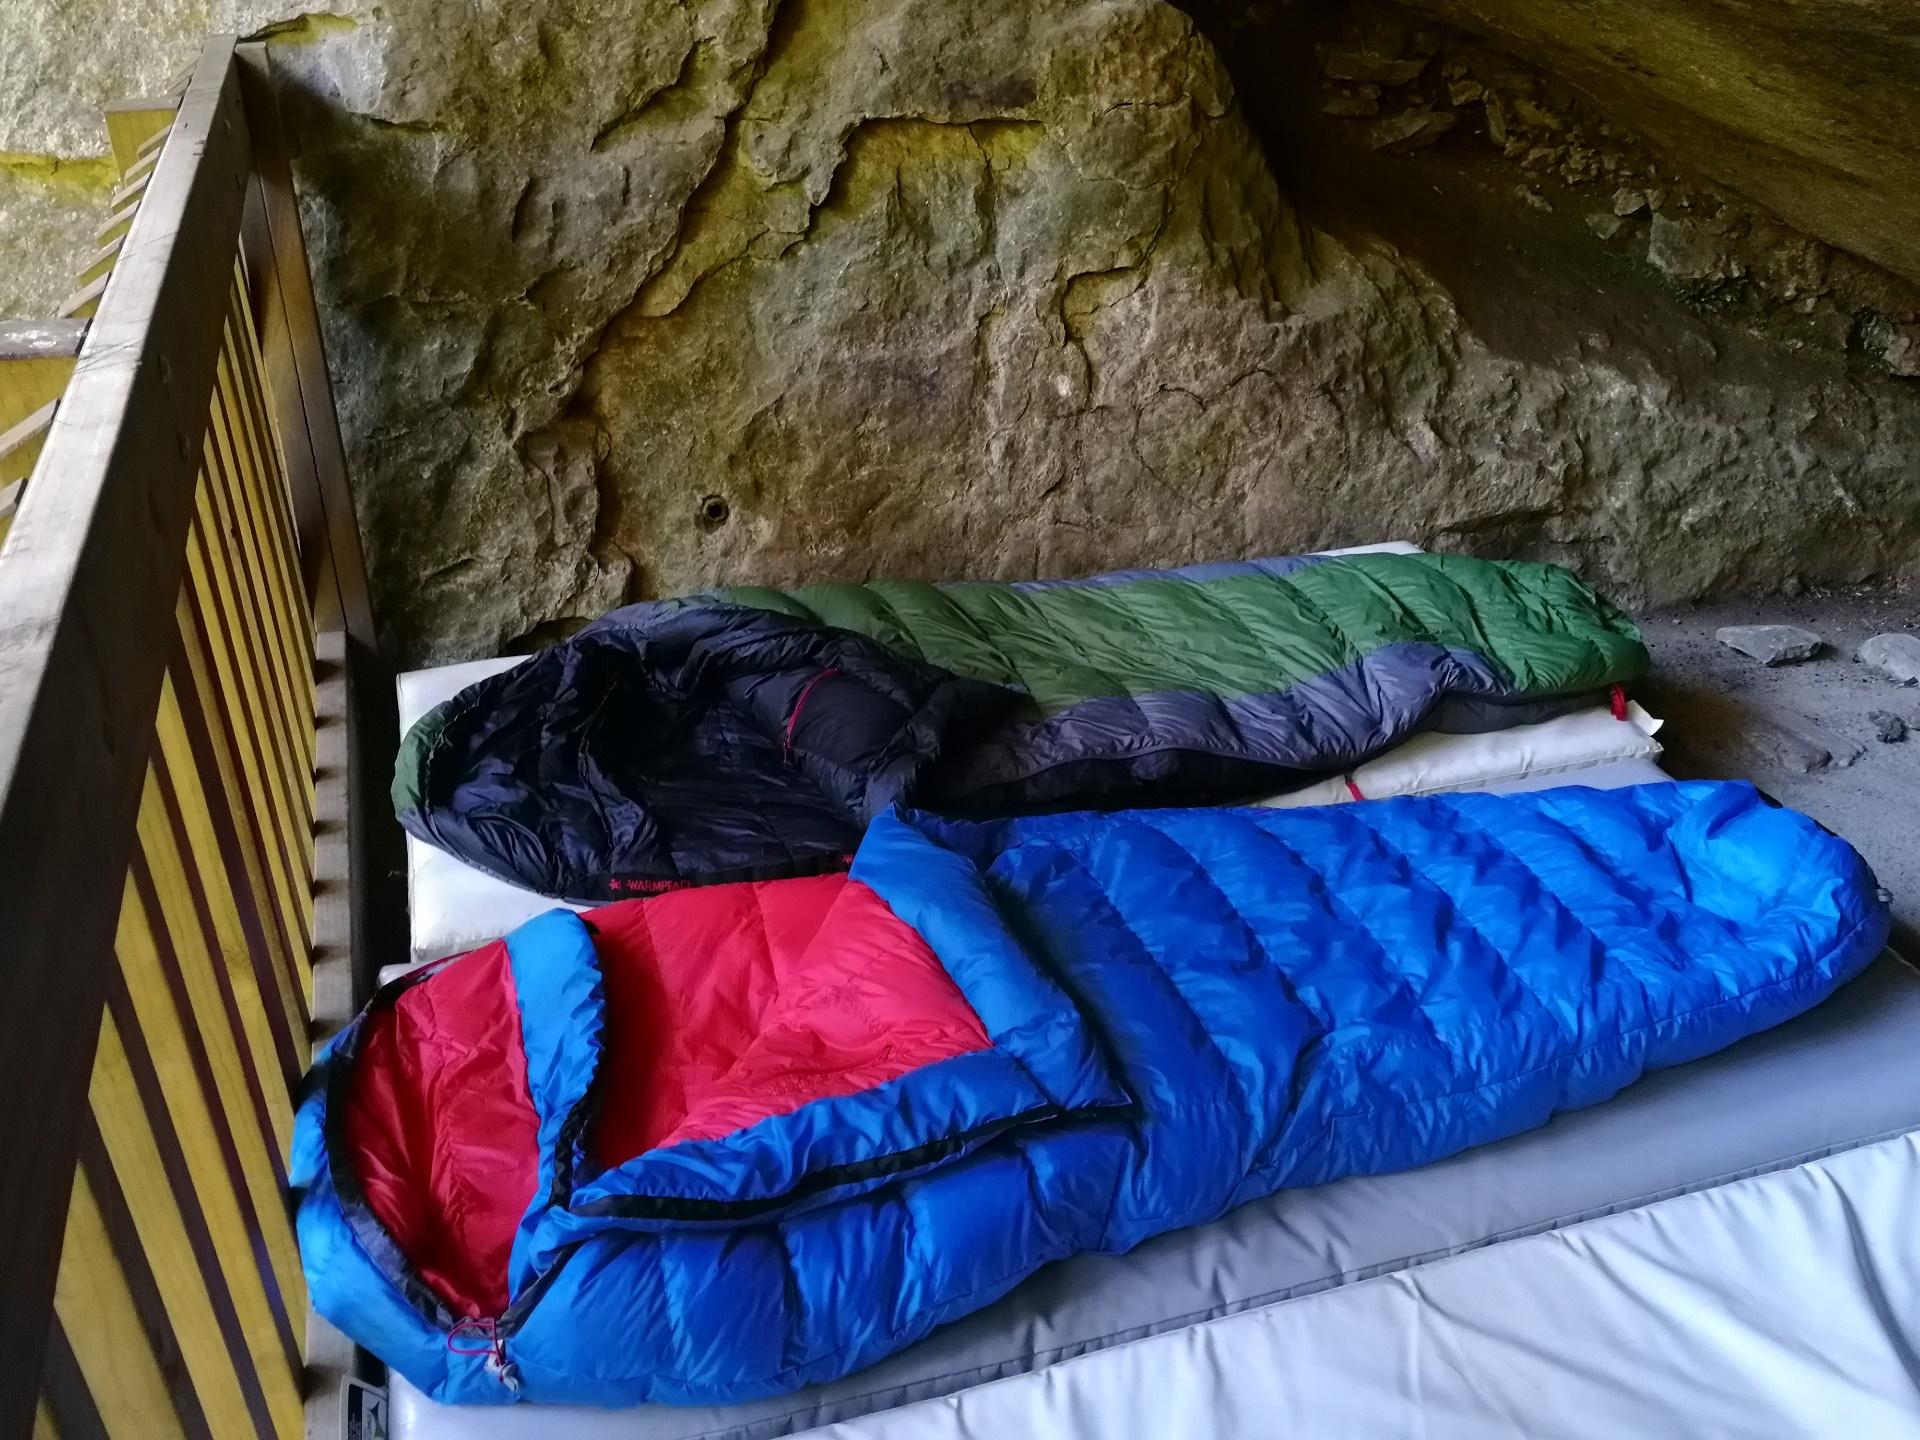 Rozložené otevřené třísezónní péřové spacáka Warmpeace a Sir Joseph ve skalním bivaku